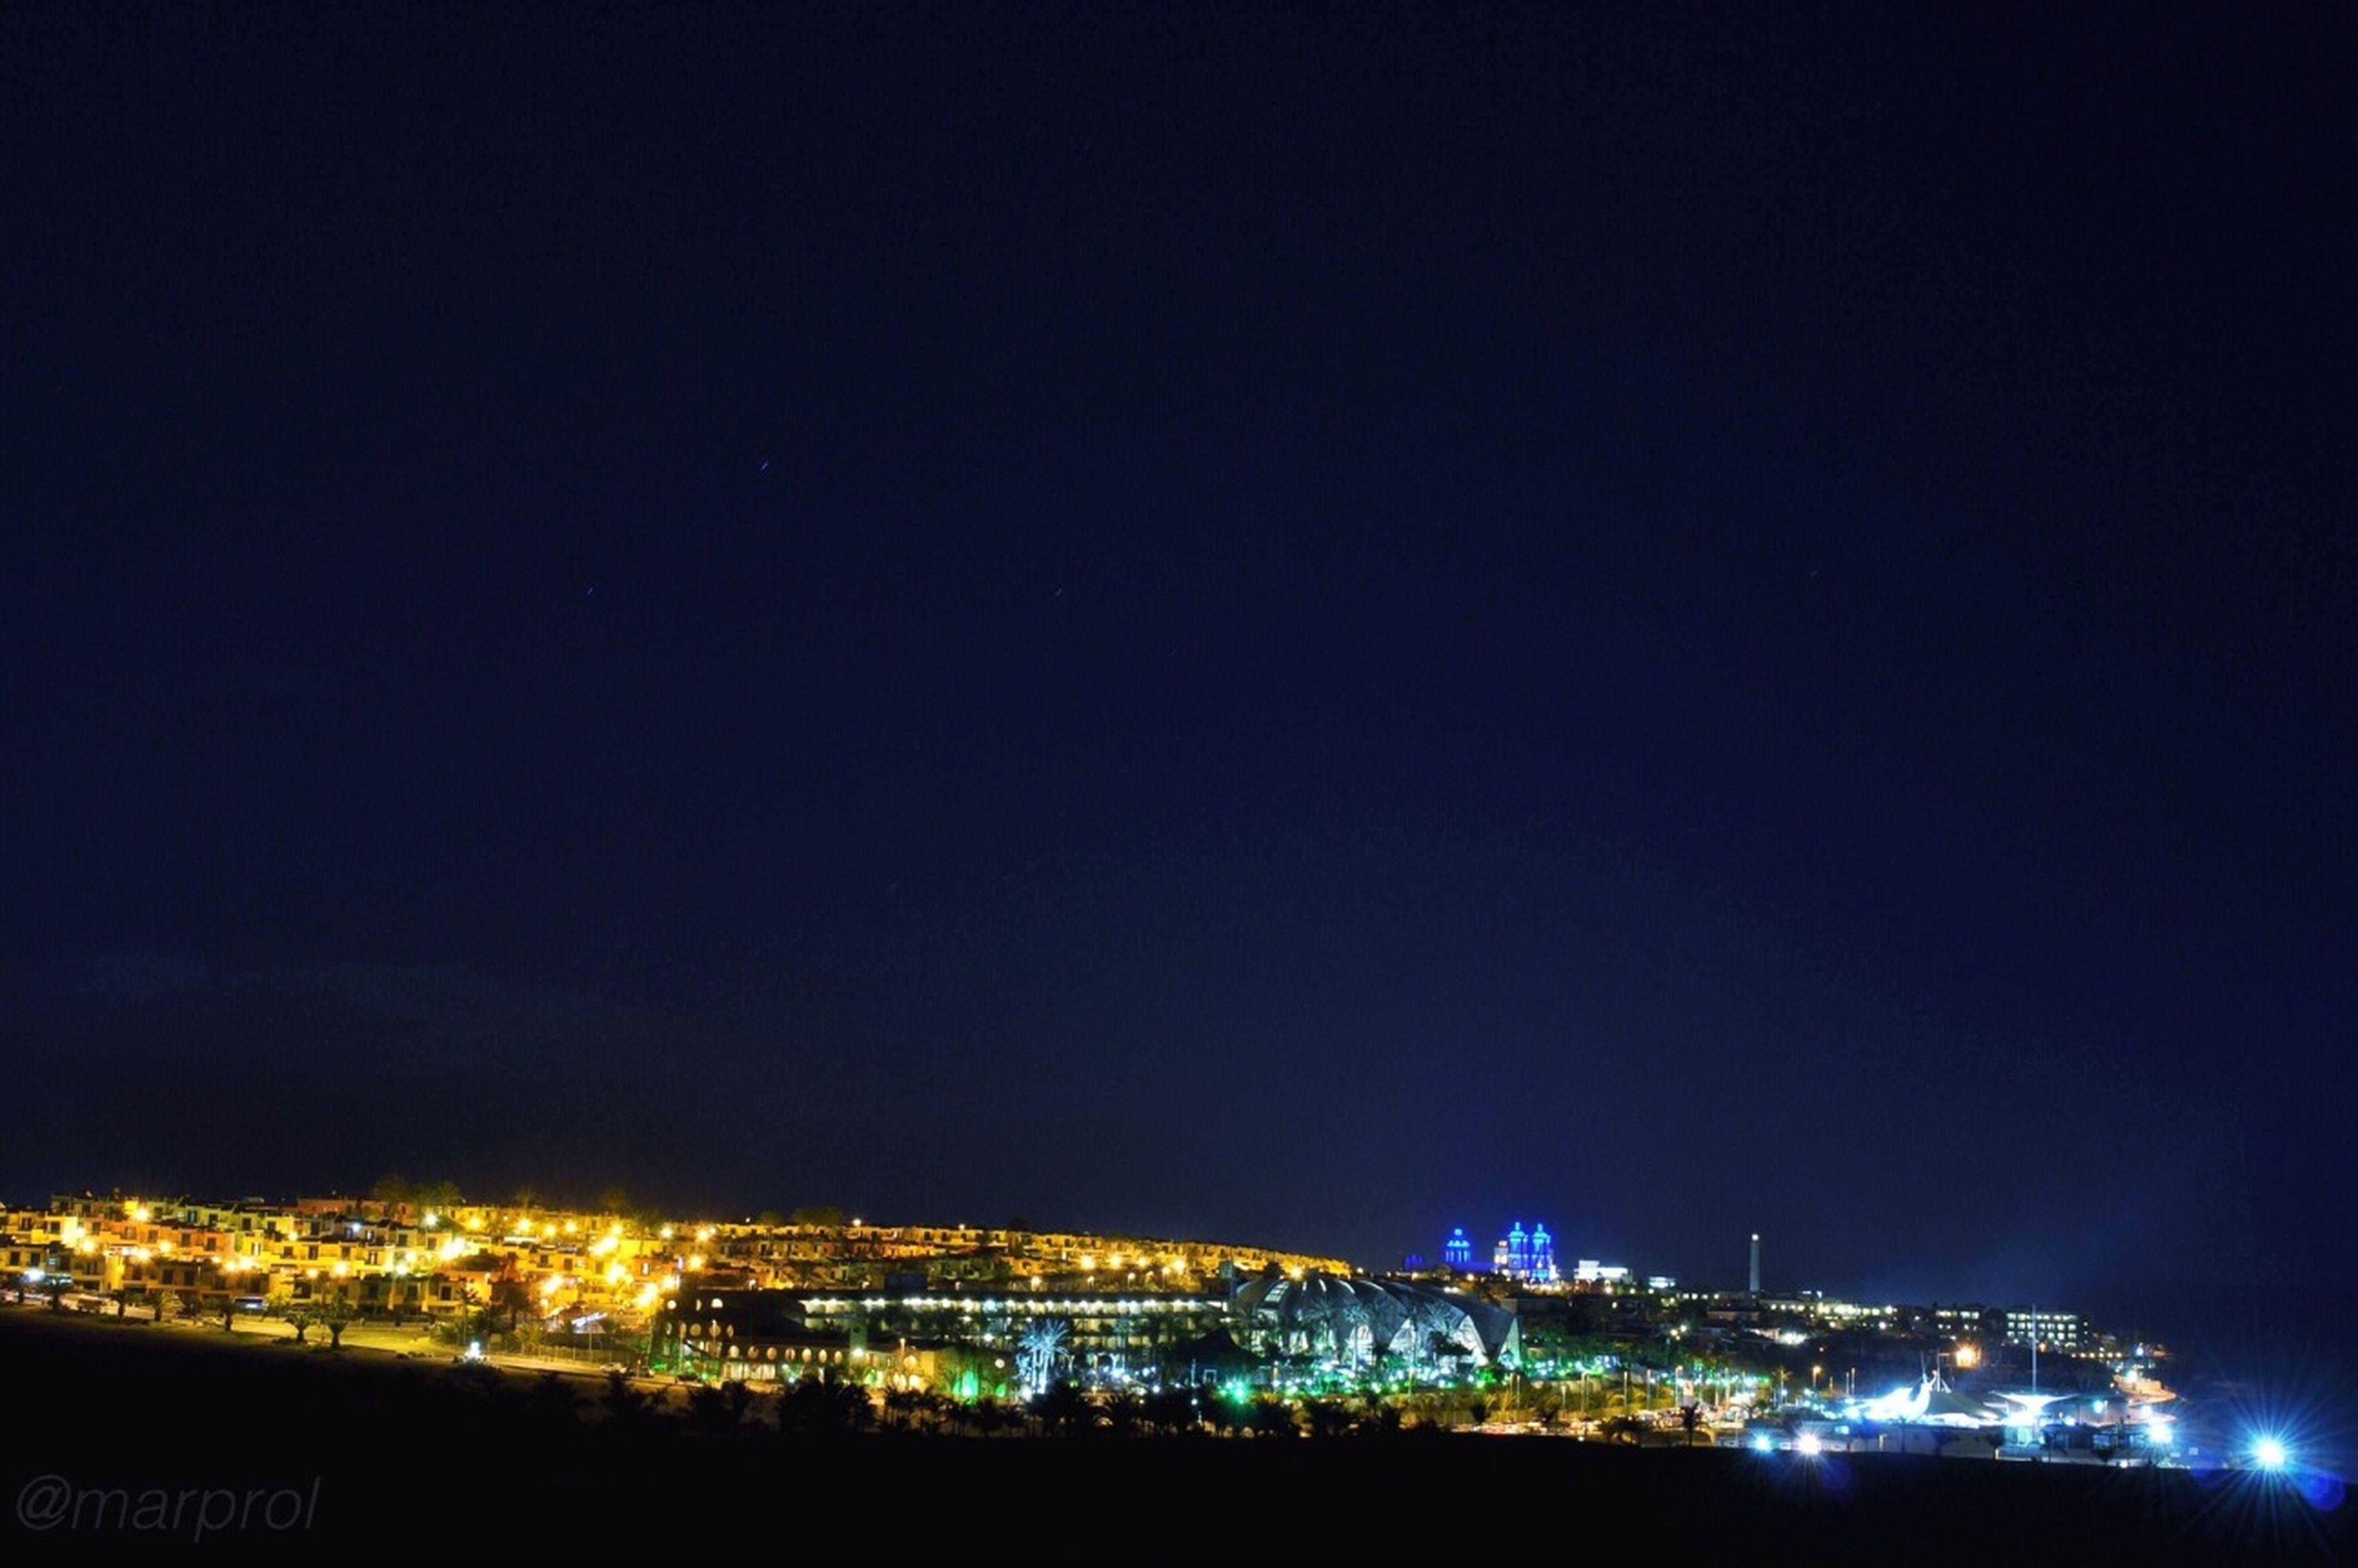 Night Blue Night Lights Long Exposure